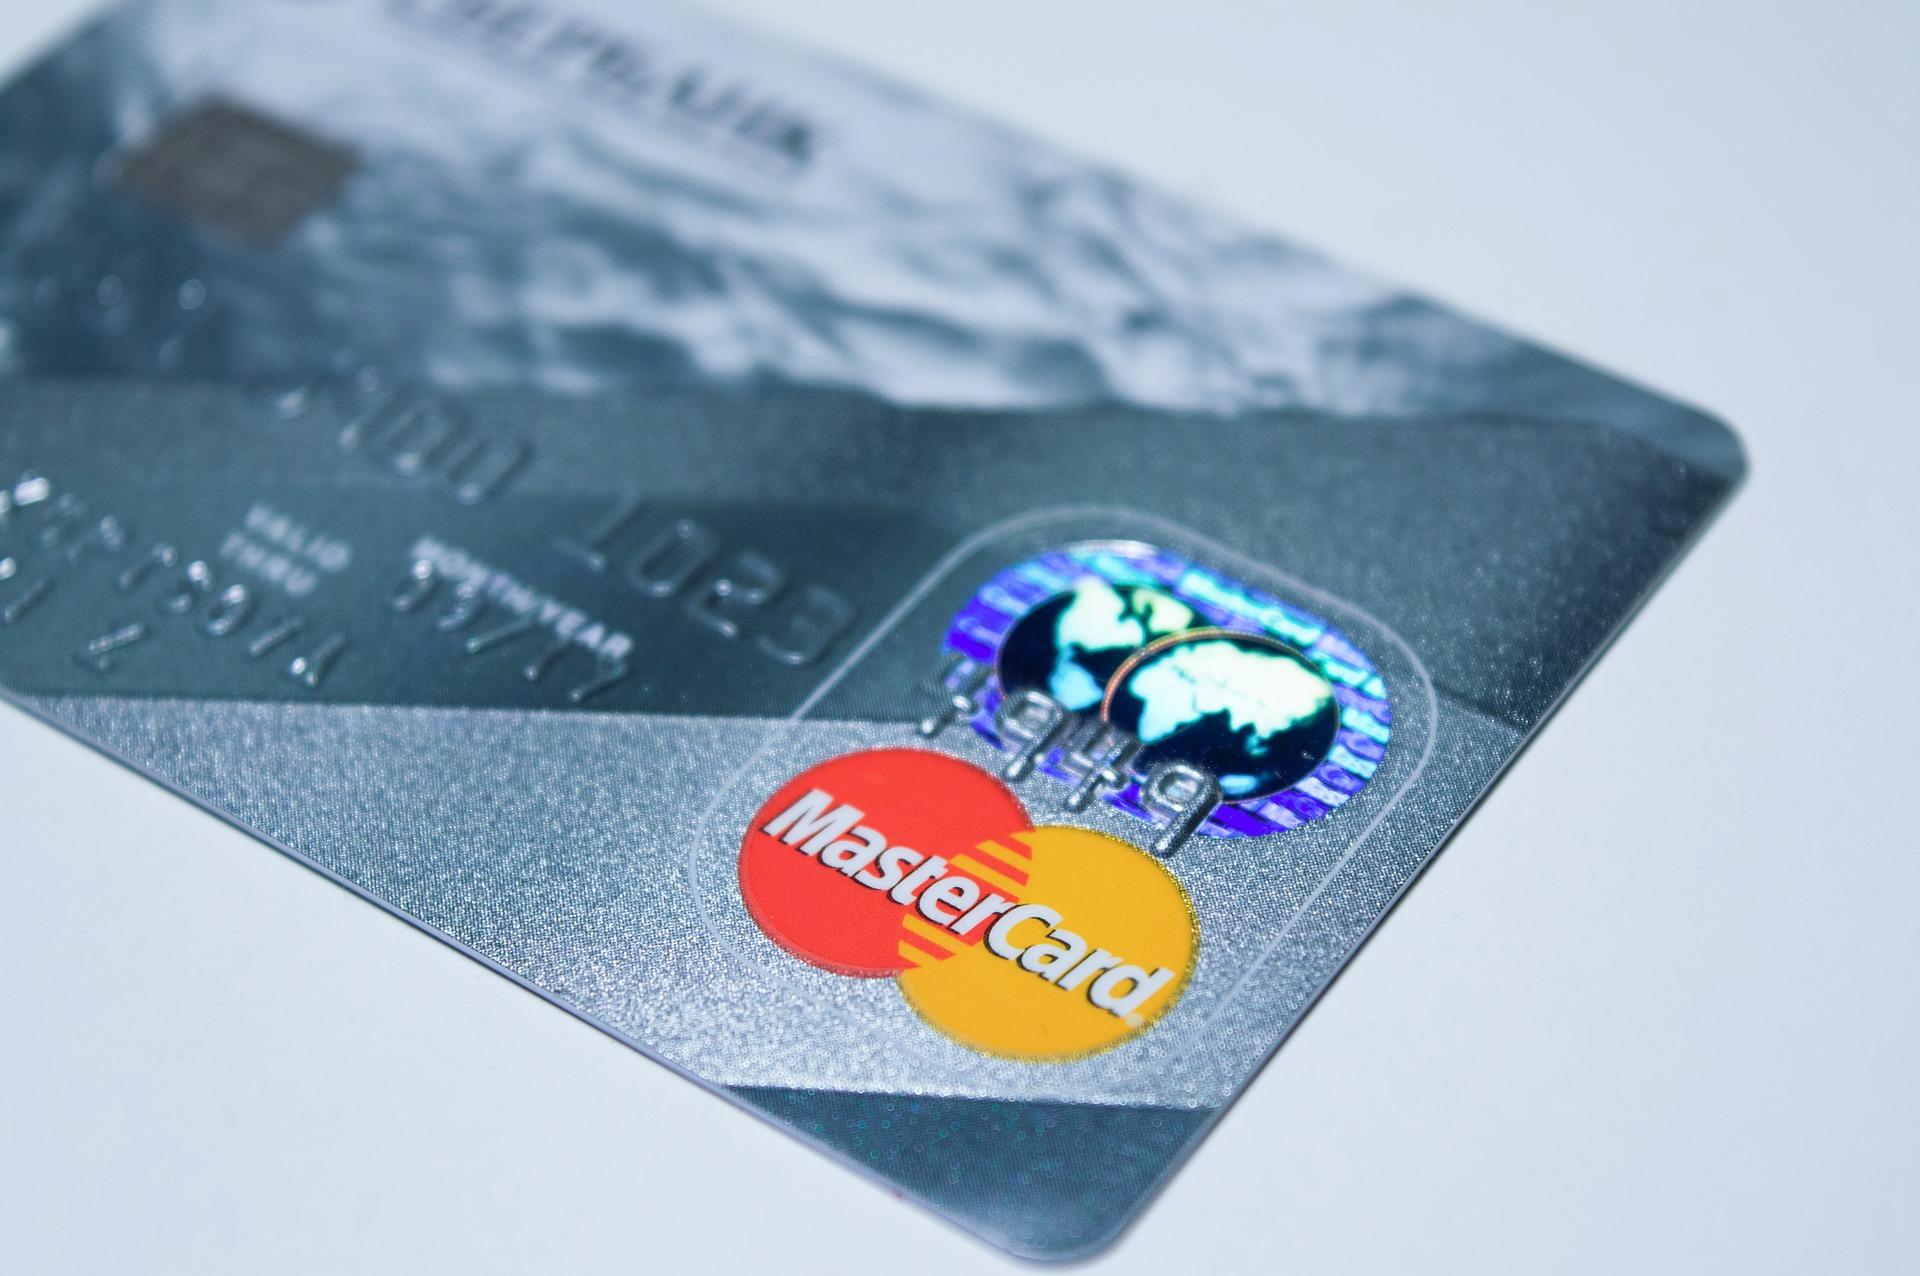 クレジット カード ステータス ランキング